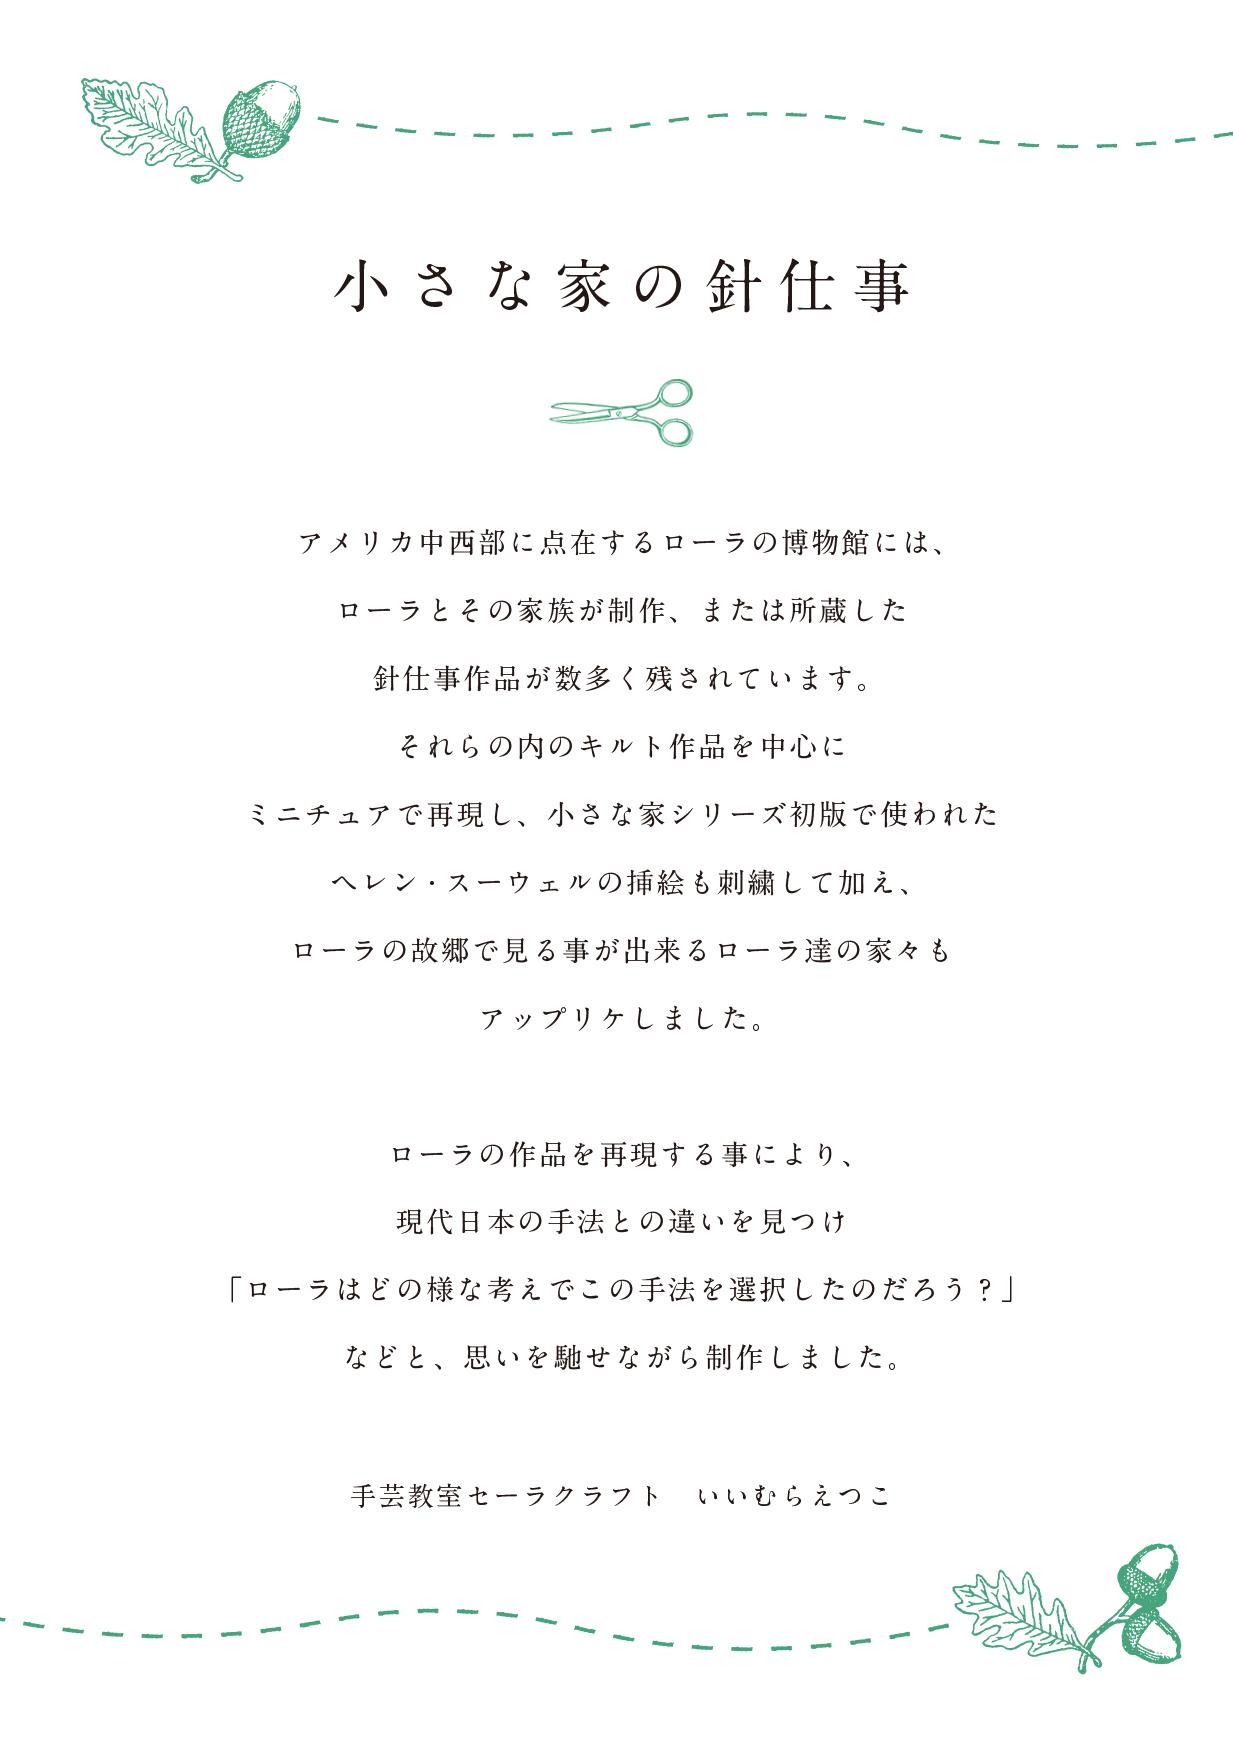 大修館書店大草原のローラ物語2017パネル2